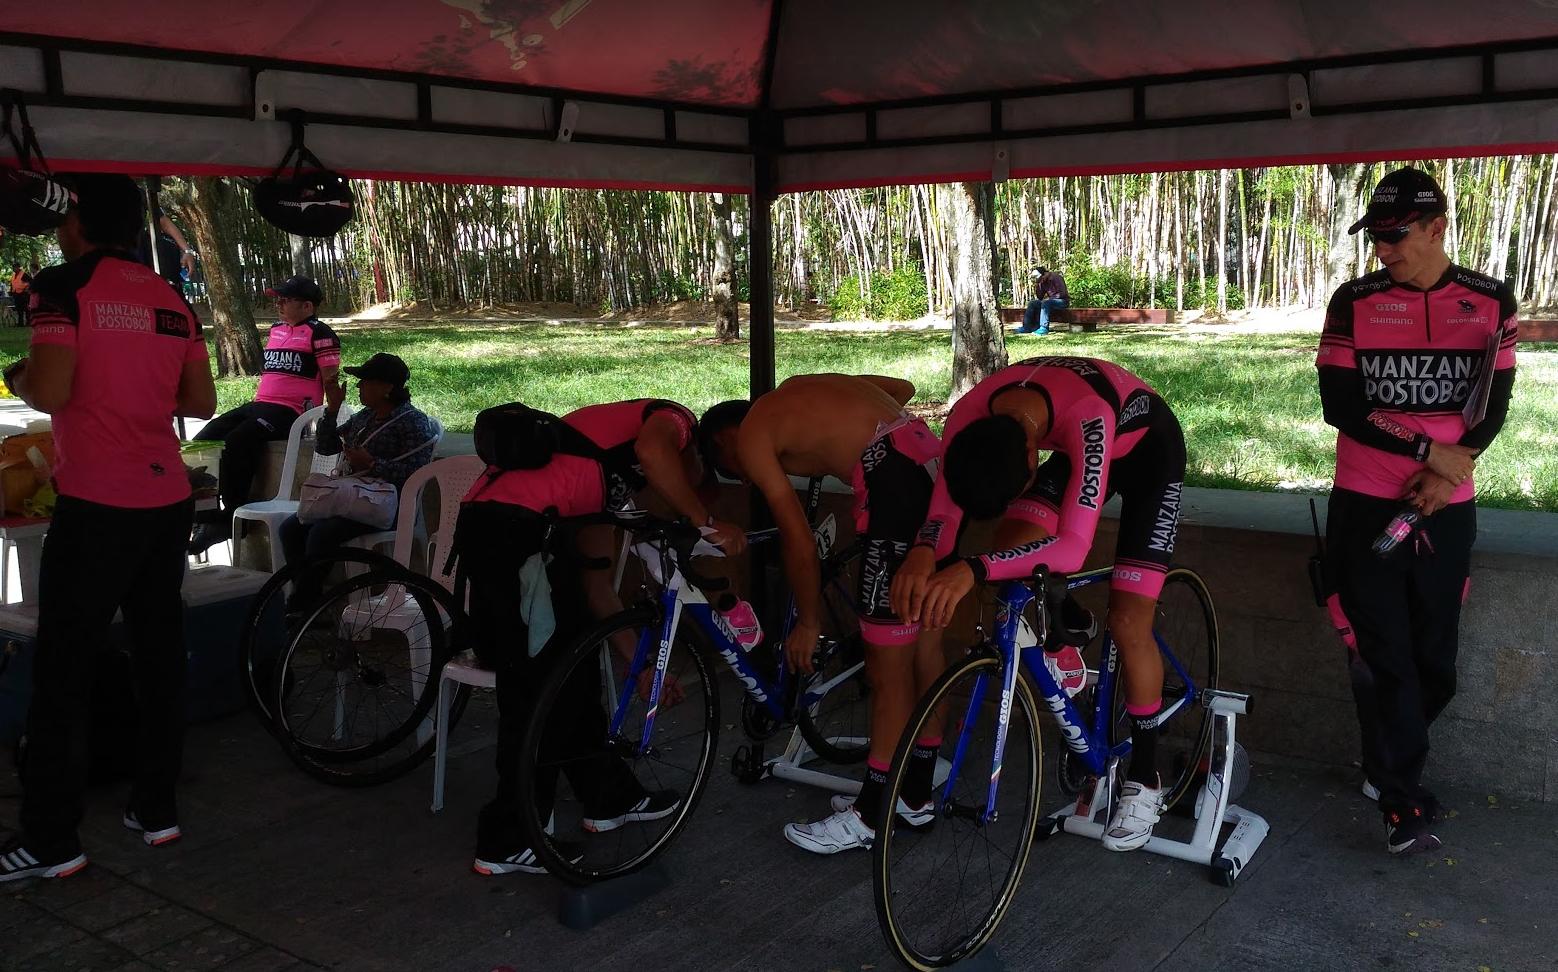 Vuelta a Colombia 2016 - Página 2 15549ed964fe4813a45012233f912119